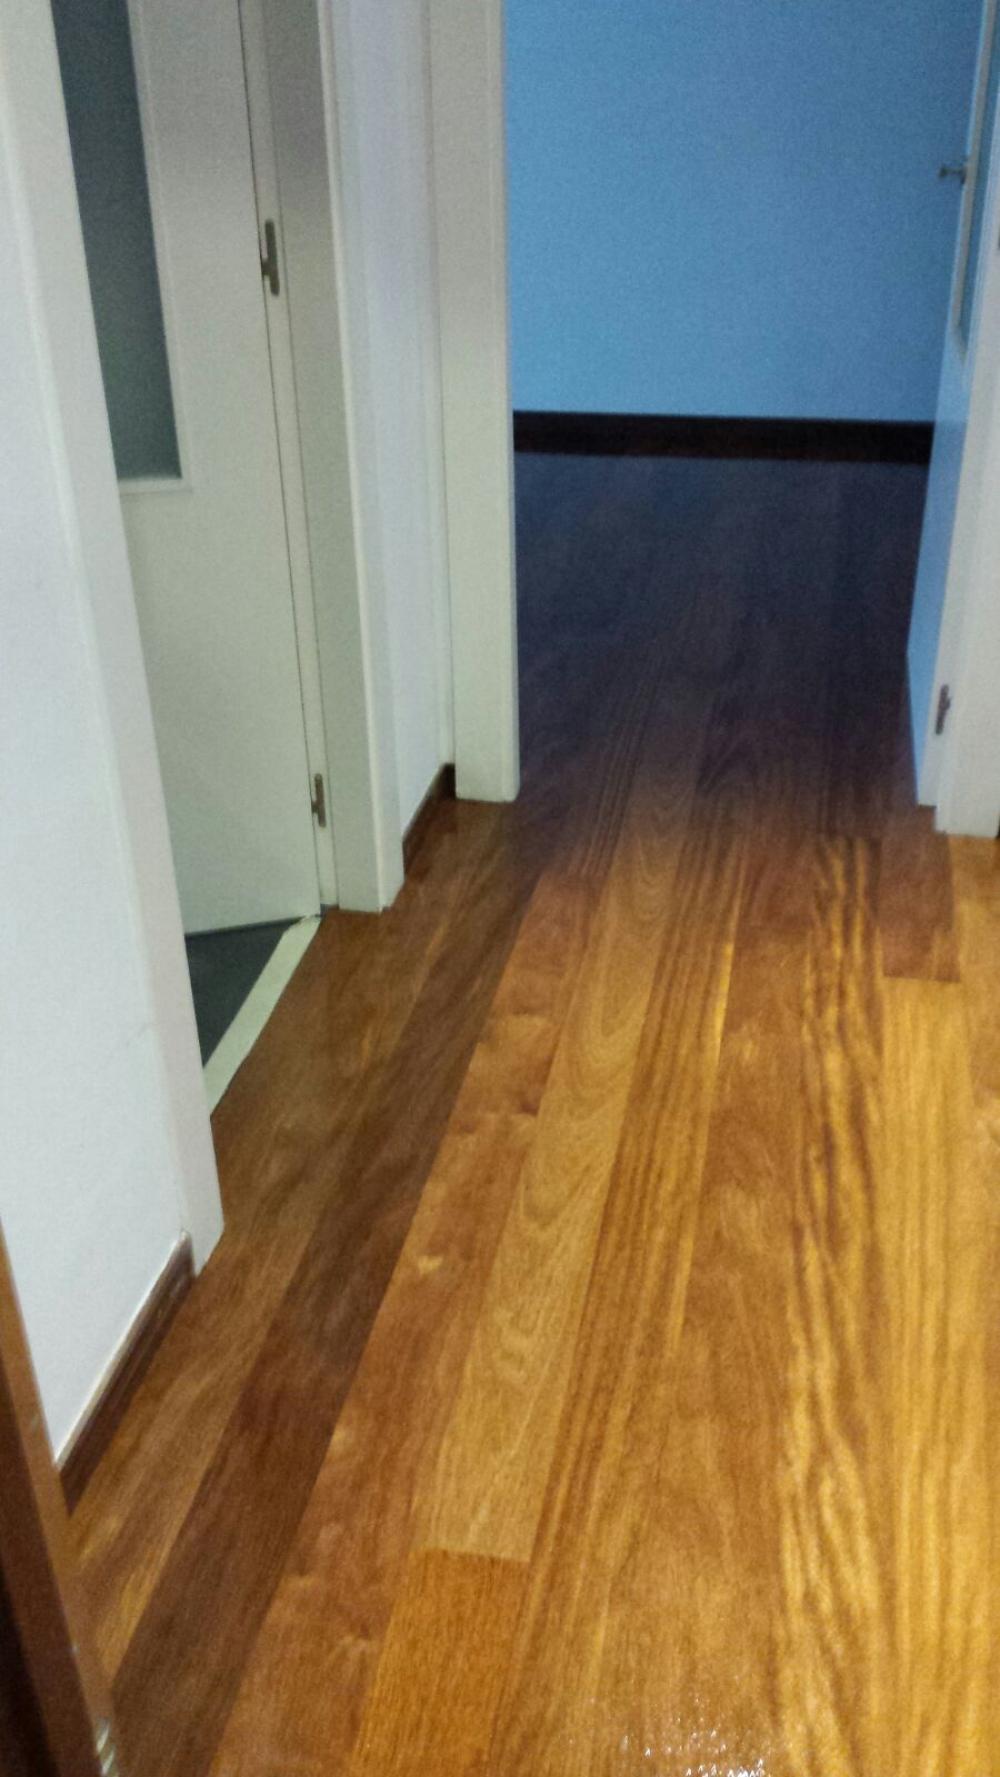 Acuchillados y barnizados contratar carpinteros a buen - Rellenar juntas piso madera ...